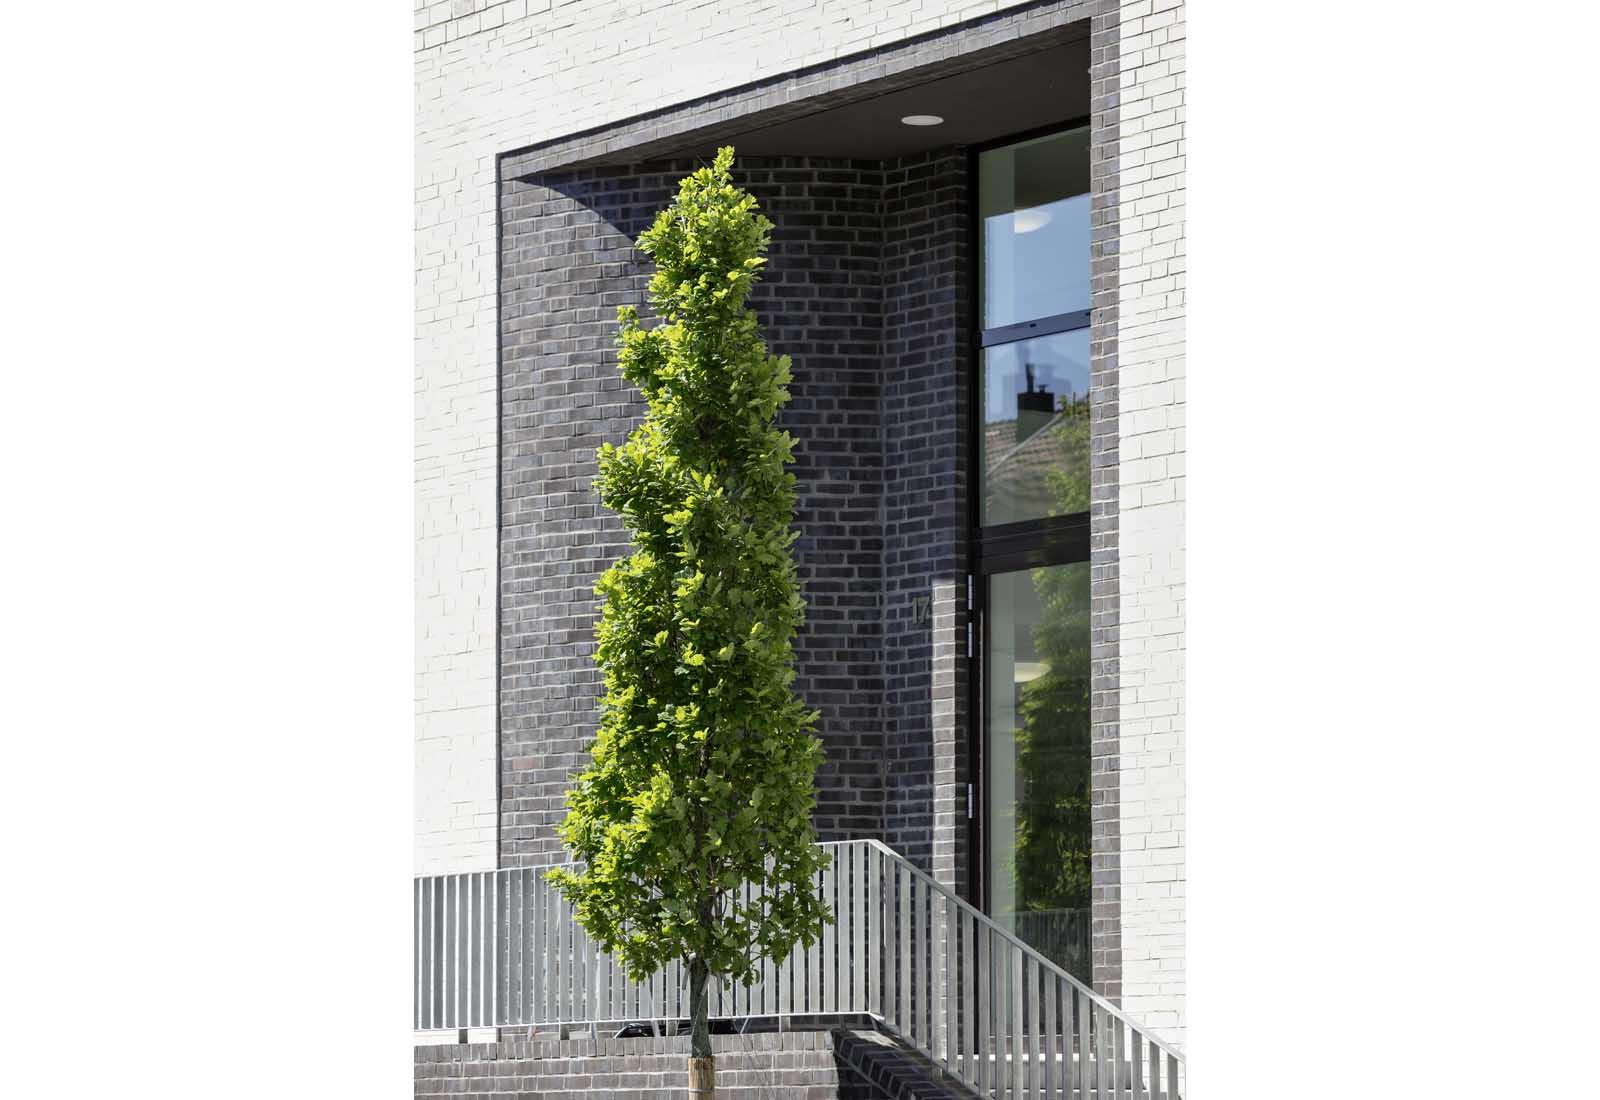 Architekt BonnStudierendenwohnheim Drususstraße - Neubau von 73 Studierendenapartments in Bonn-Castell, Bodendenkmal, KfW-55 - Koenigs Rütter Architekten